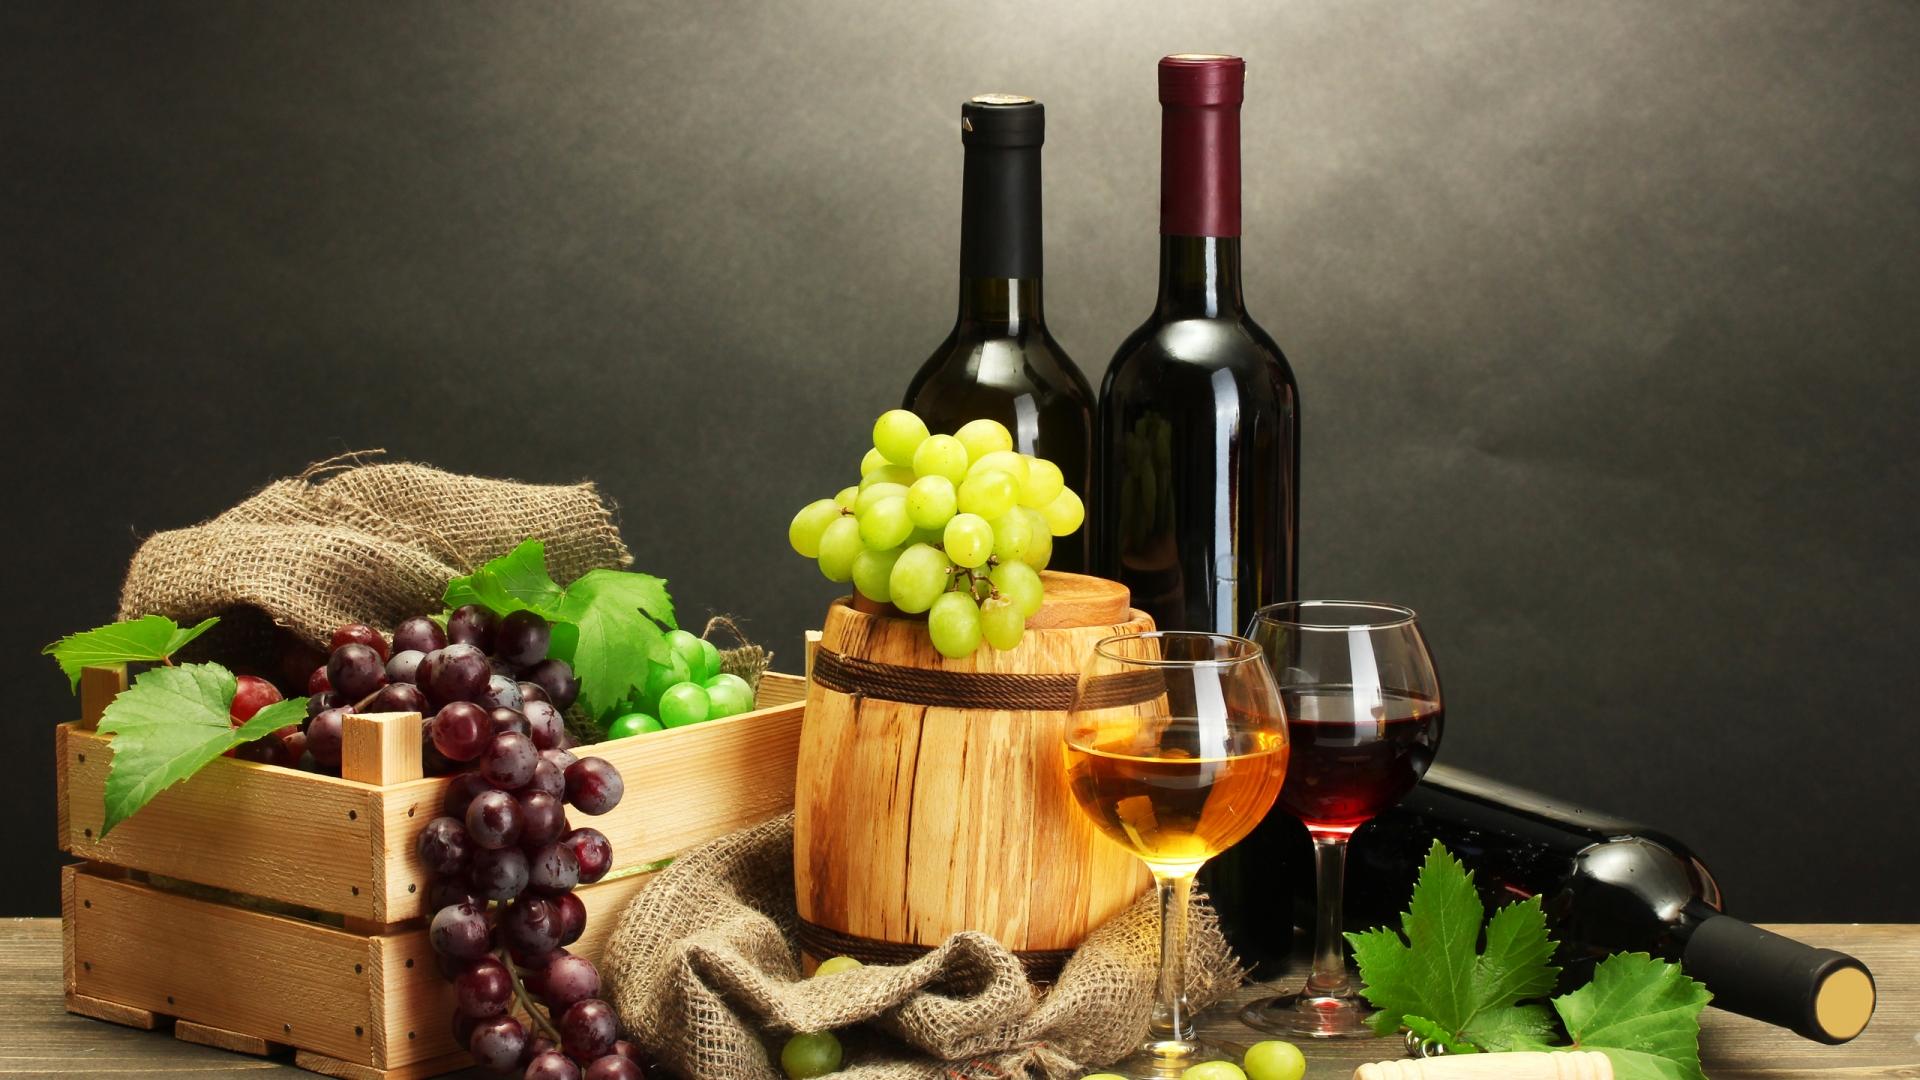 2017թ. առաջին կիսամյակում Հայաստանում գինու արտադրությունն աճել է  29.8%-ով